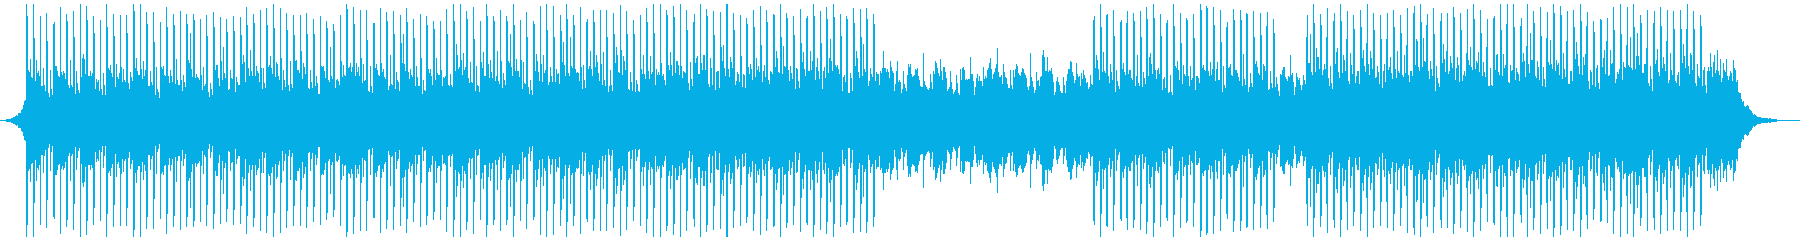 チュートリアルミュージックの再生済みの波形